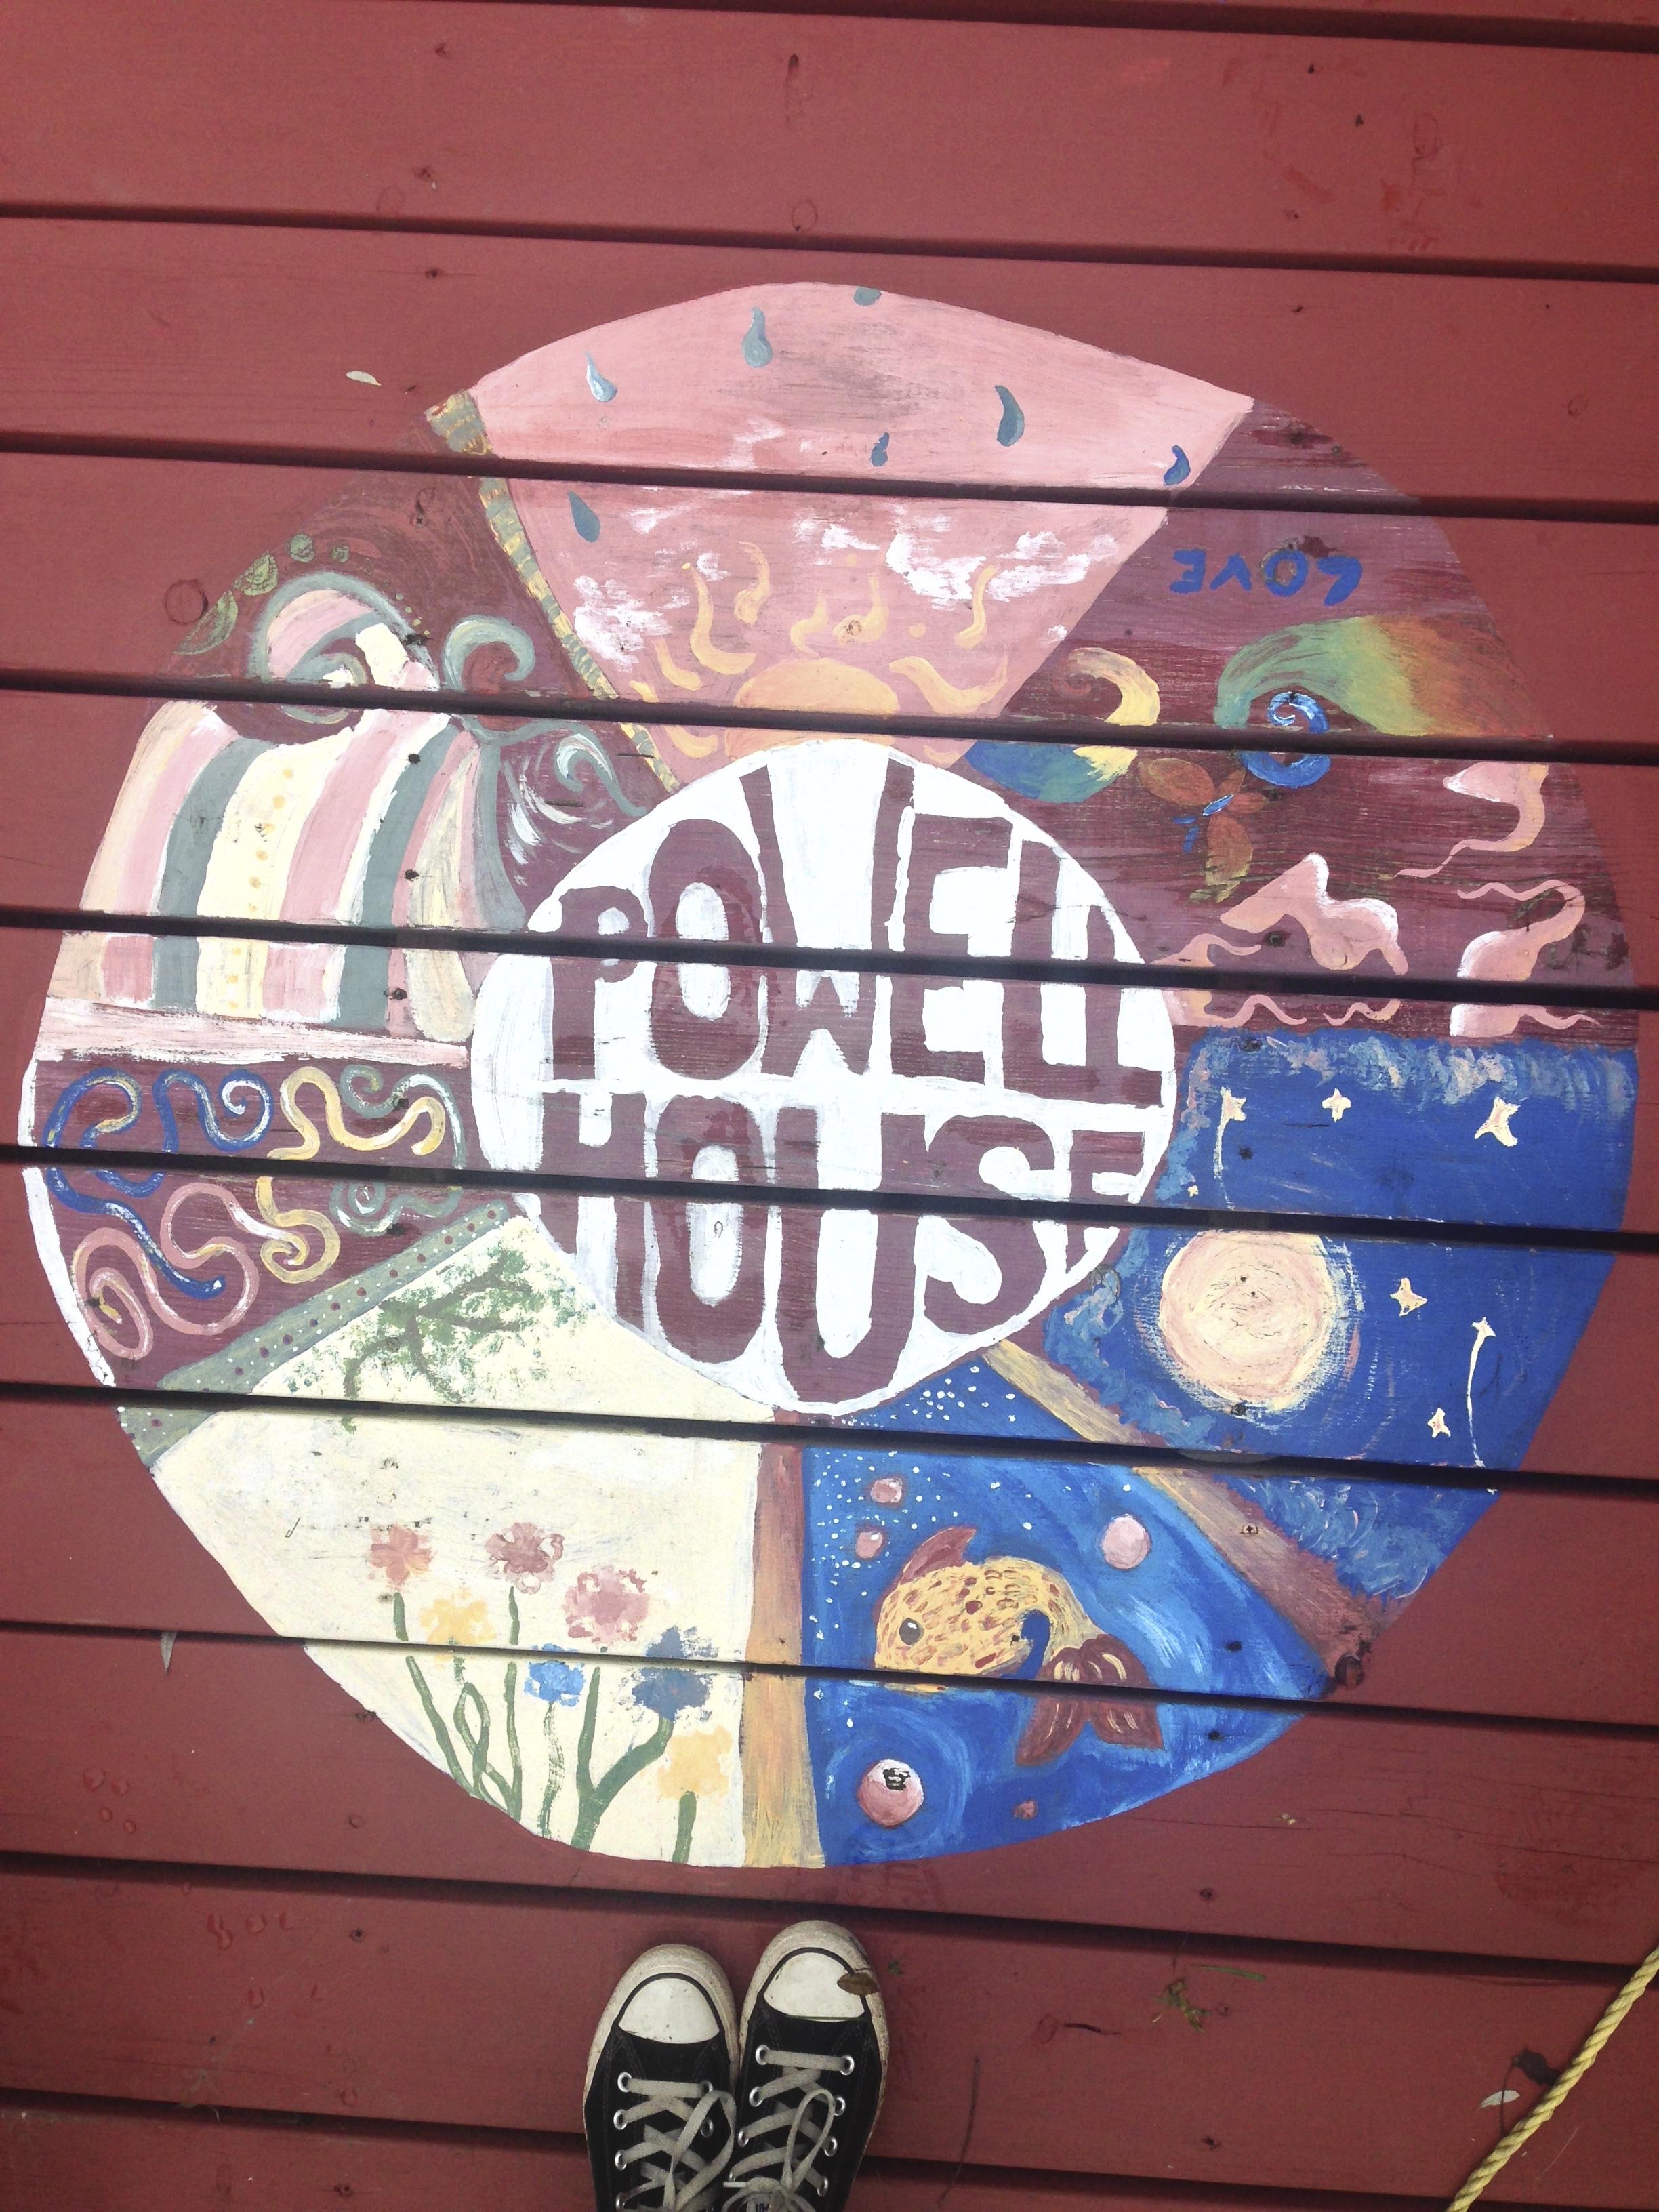 powell house mural.jpg